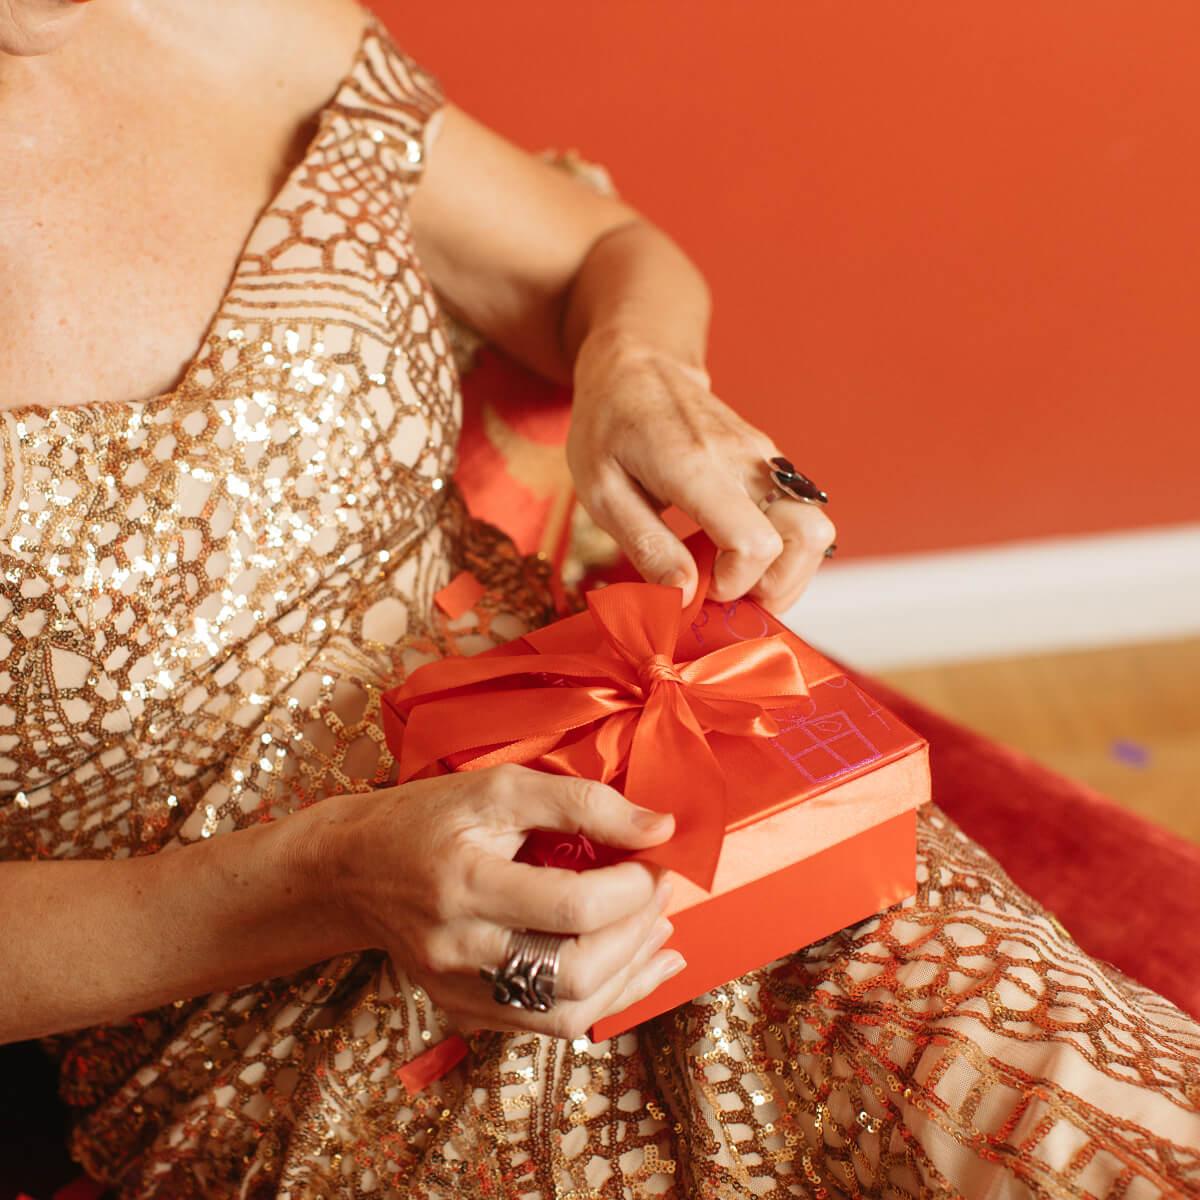 Scegliere una confezione regalo diversa dalle solite